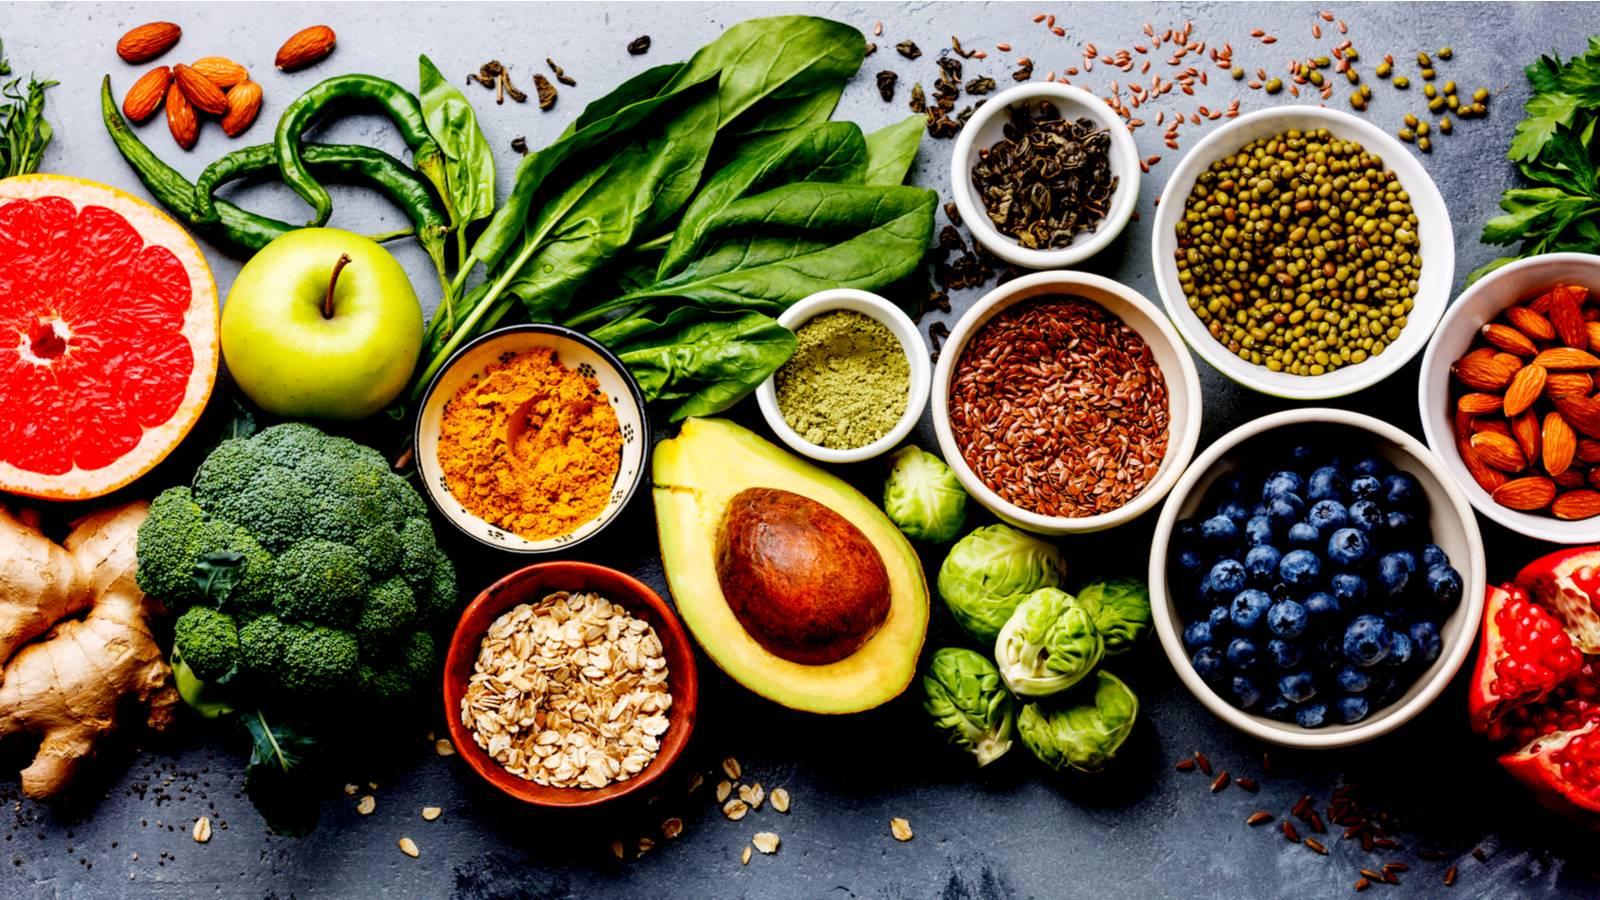 Jídelníček podle znamení zvěrokruhu. Jaká jídla byste měli jíst a jakým se naopak vyhýbat?